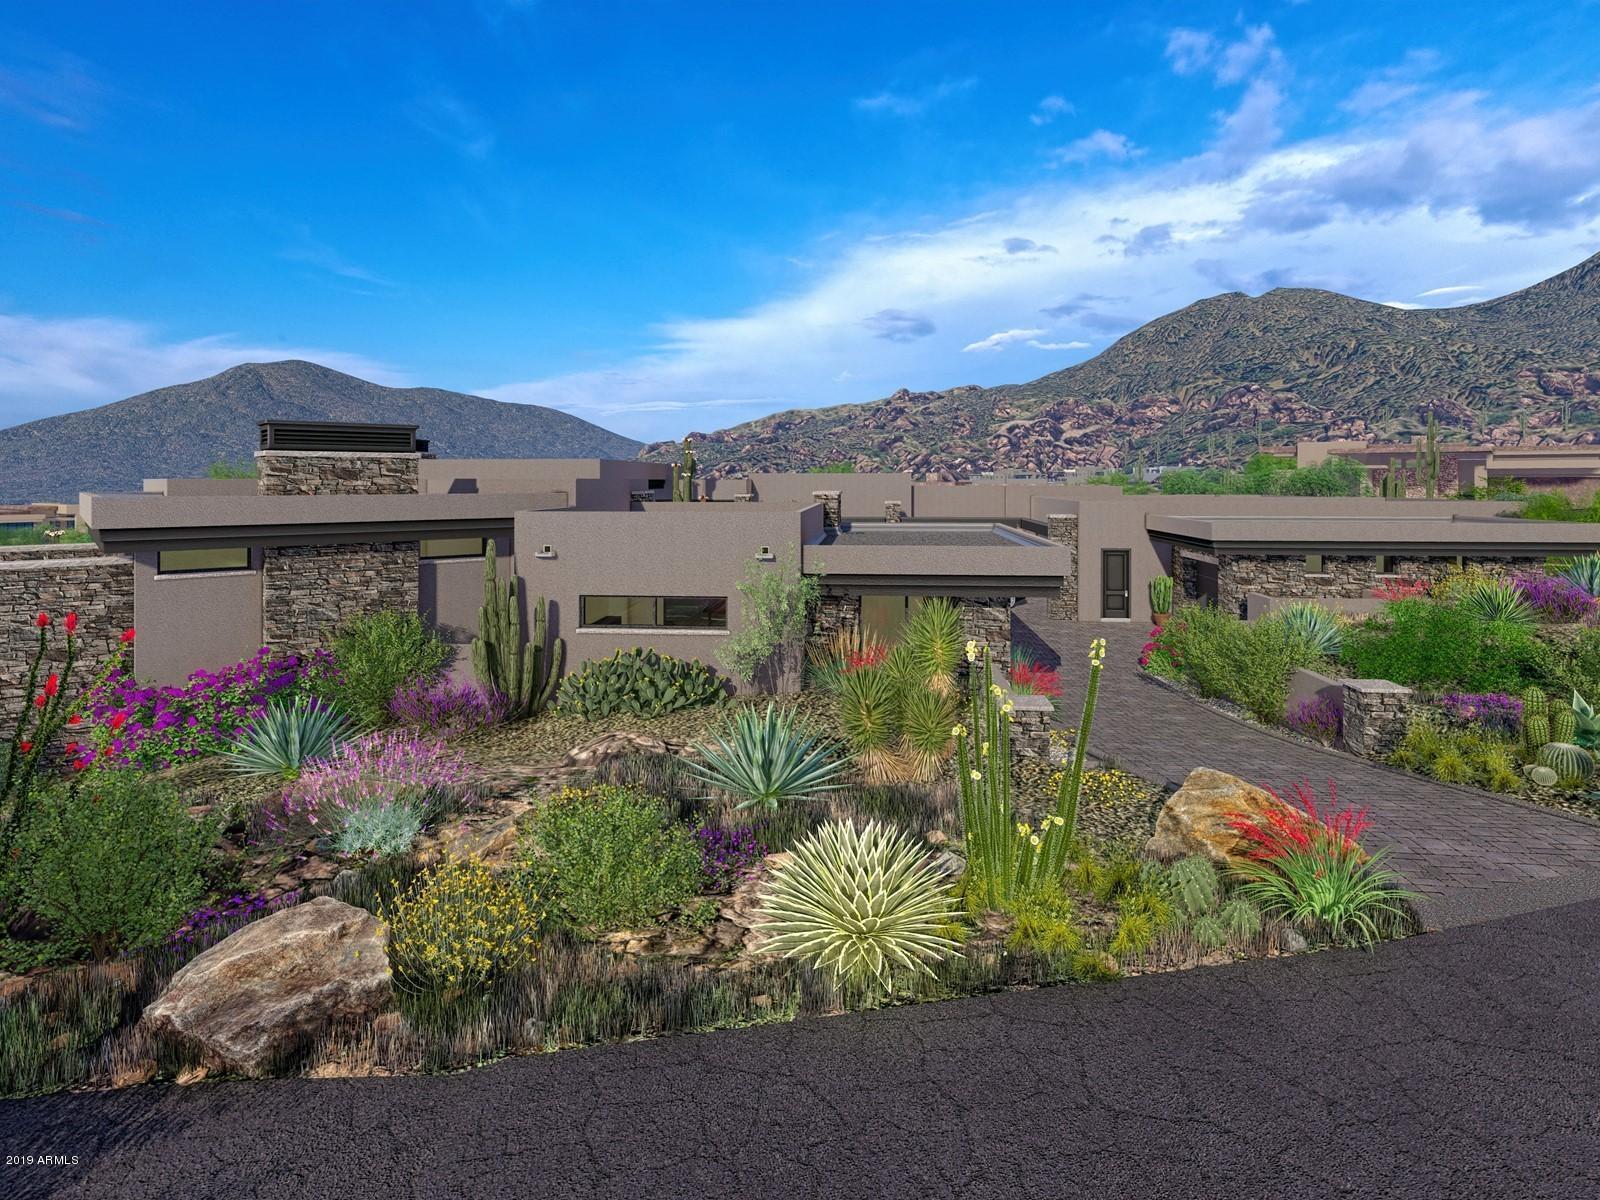 Photo of 9983 E SIENNA HILLS Drive, Scottsdale, AZ 85262